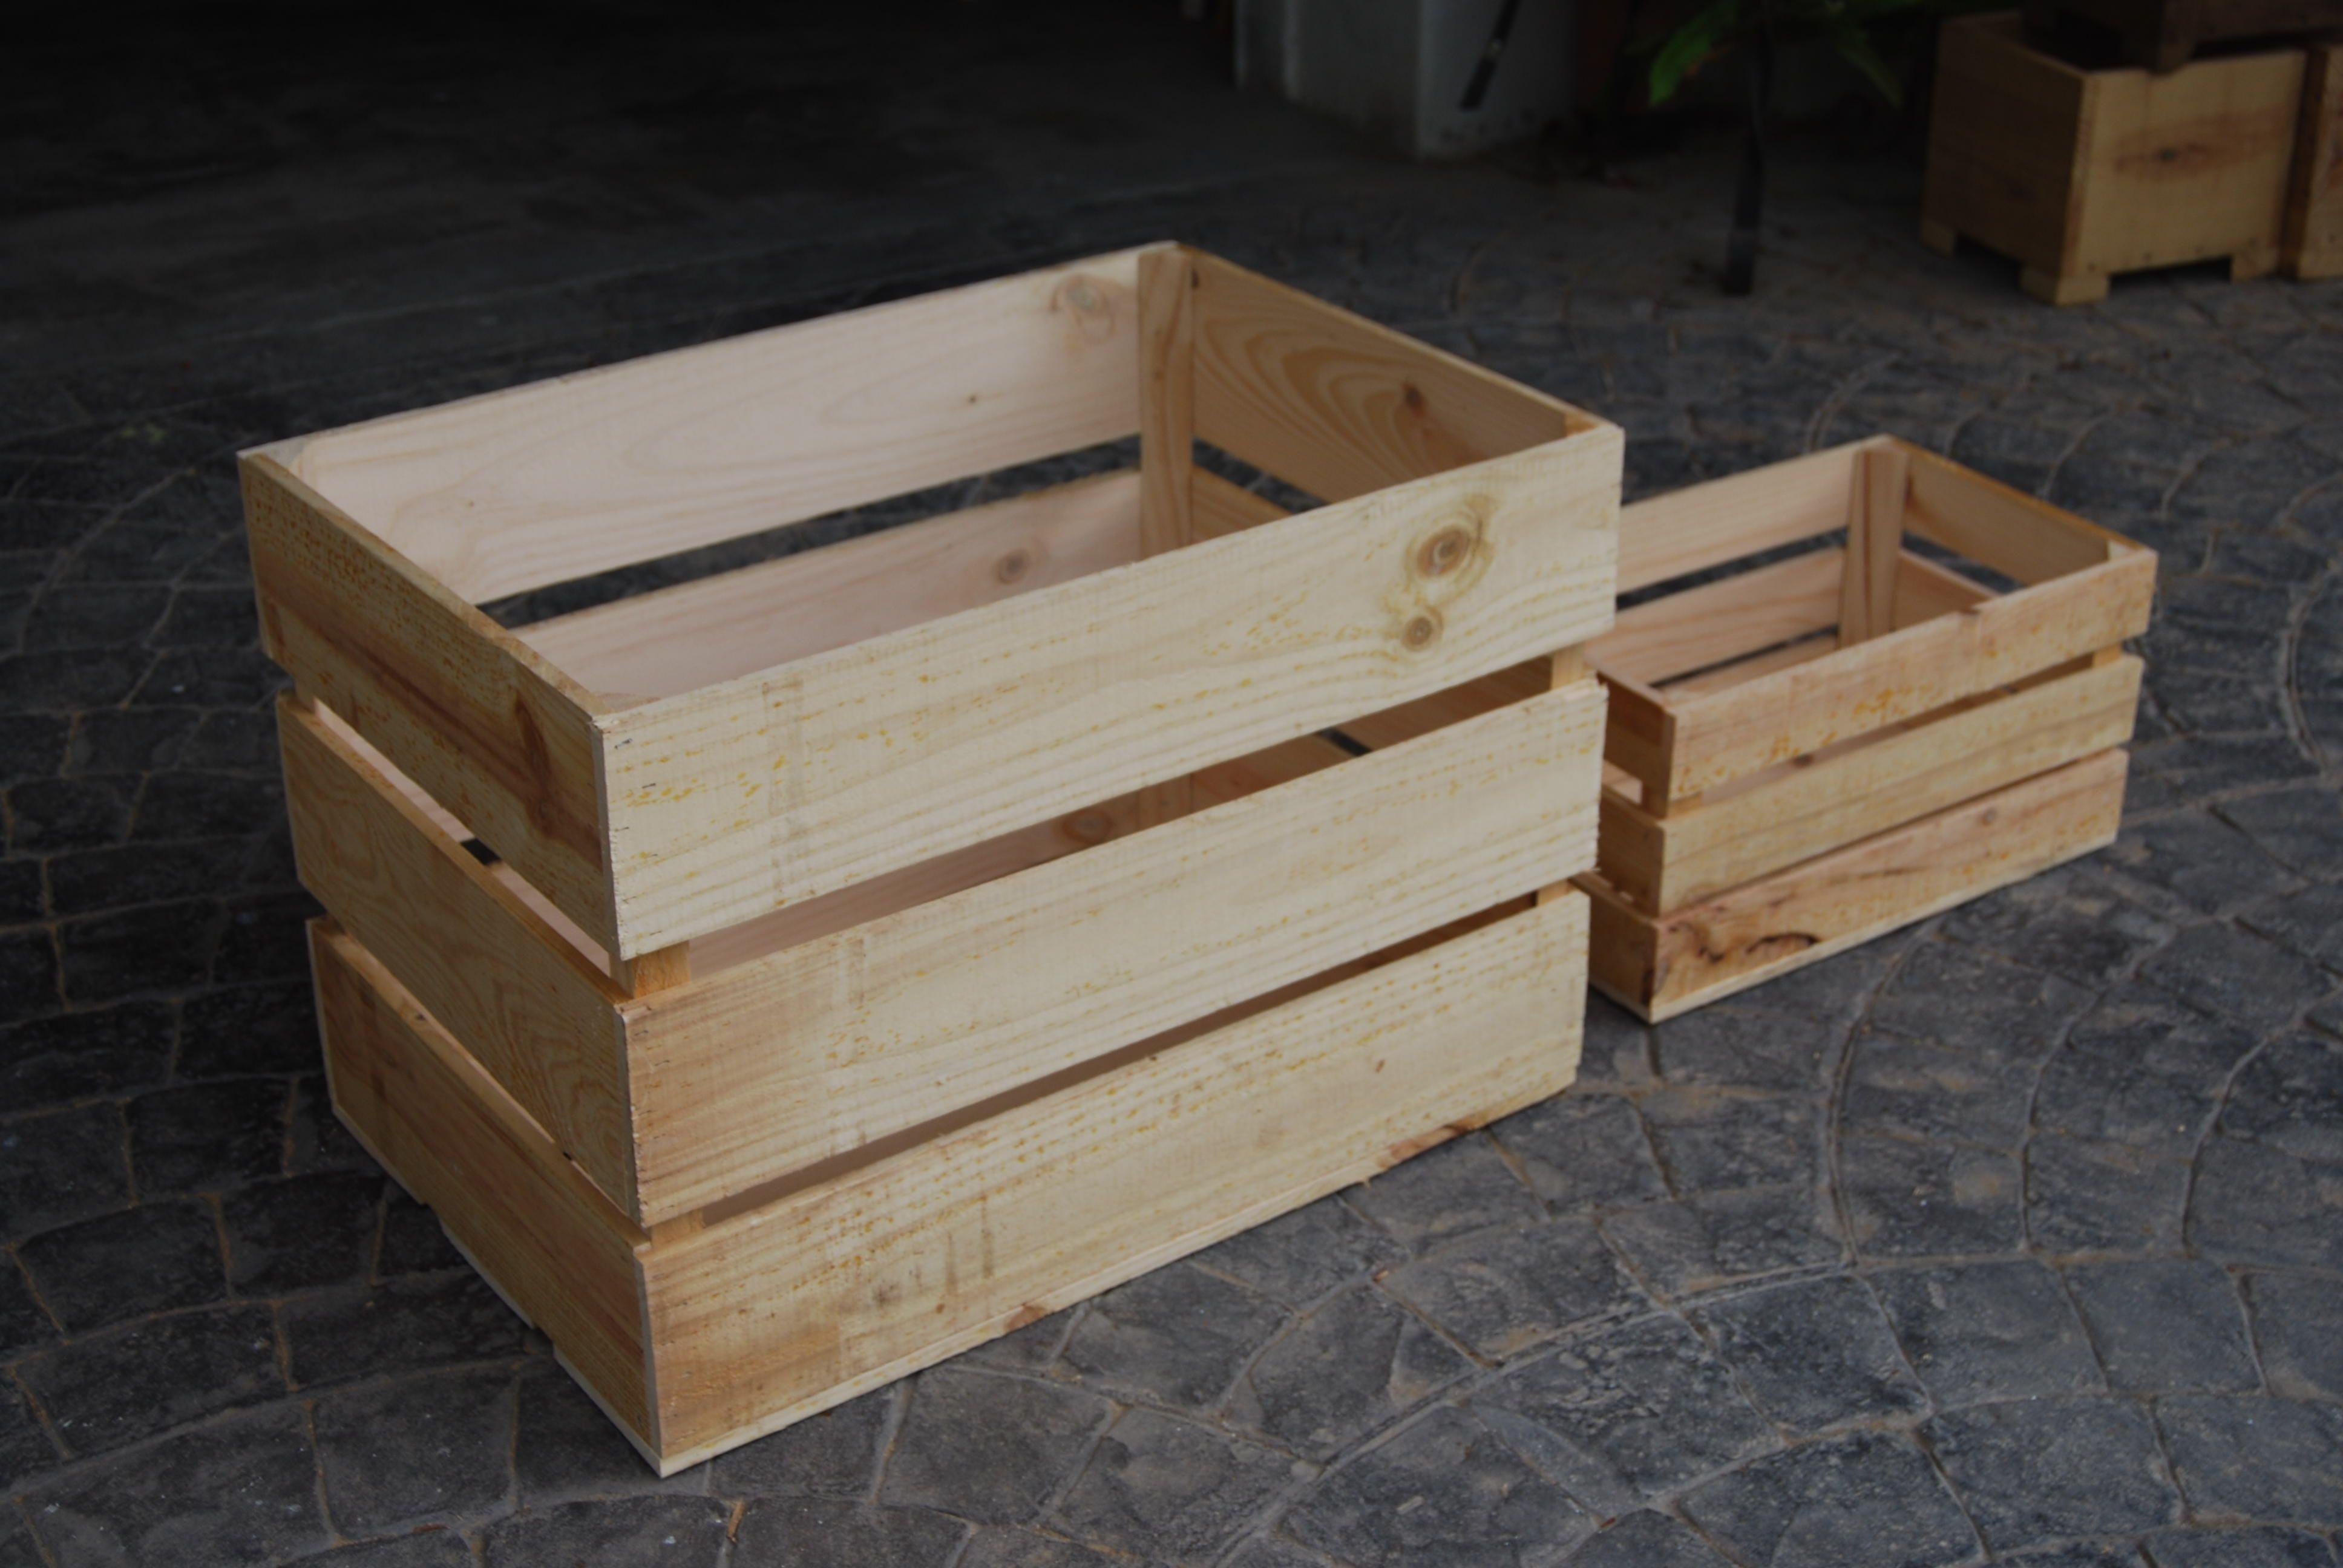 Cajas de diferentes tama os madera artesanal design - Cajas de madera decoracion ...